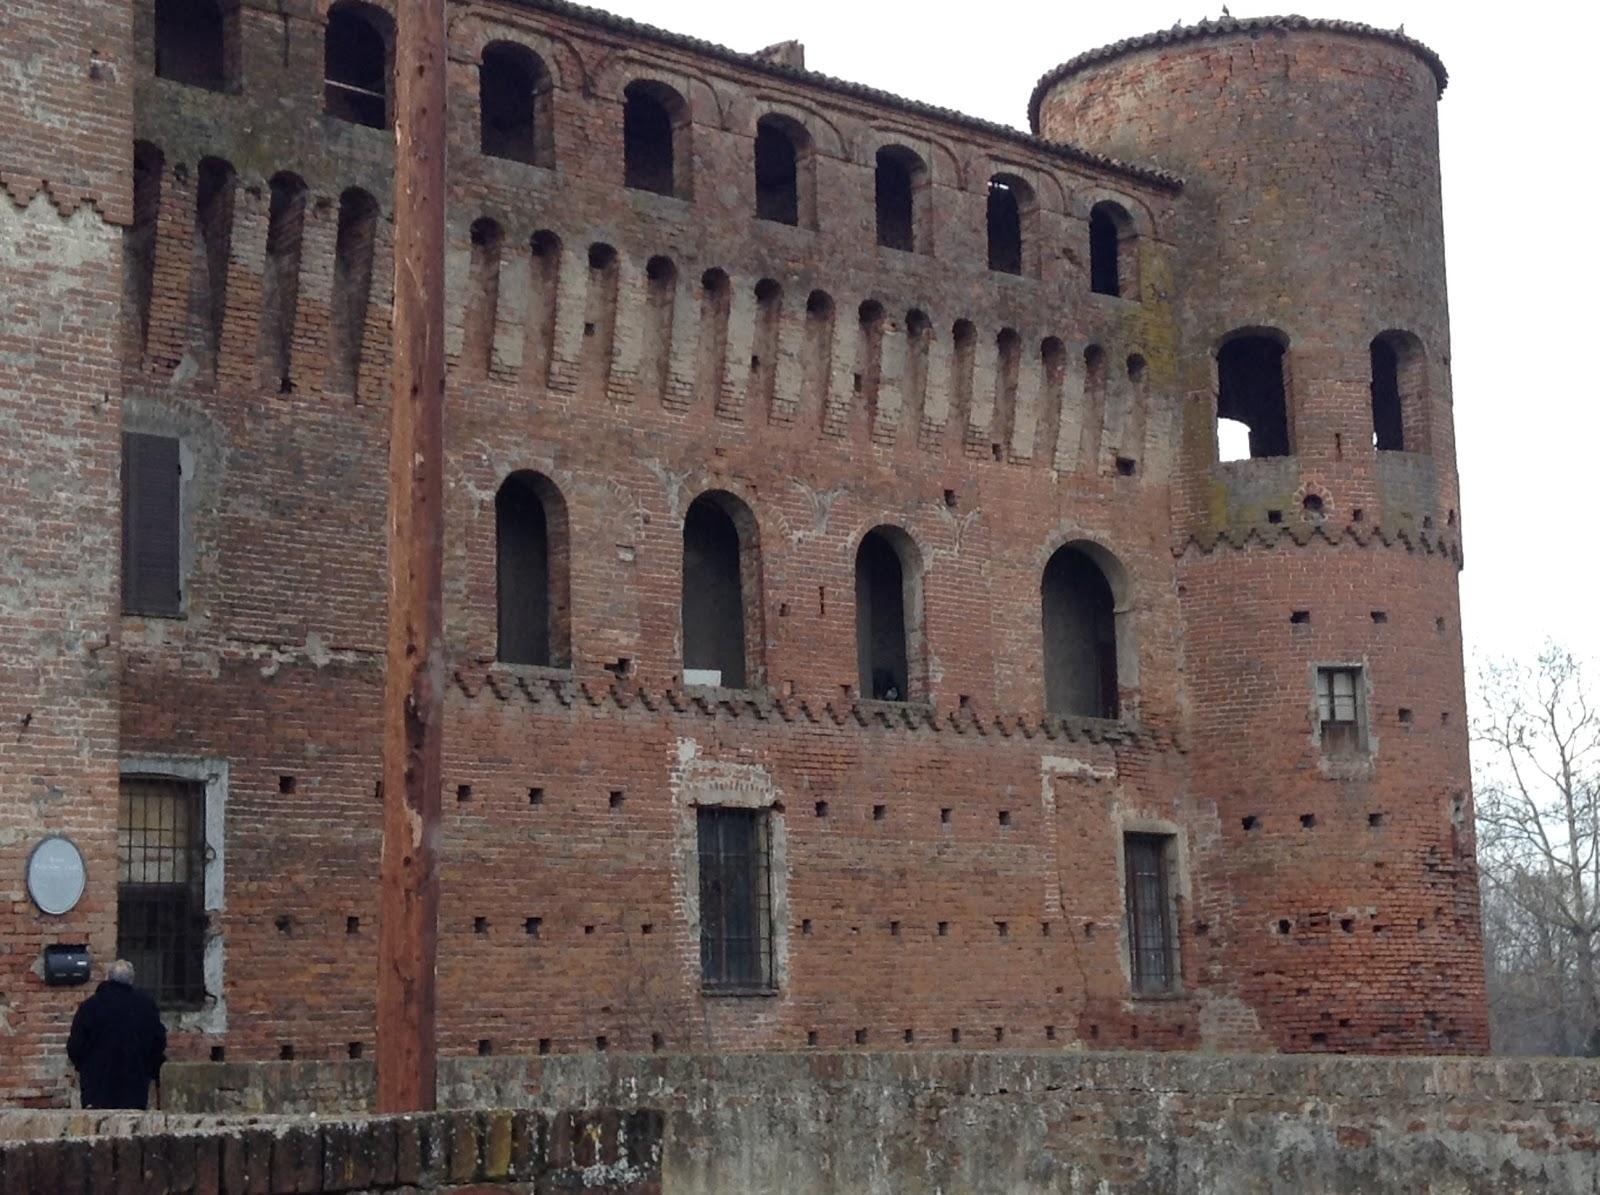 Monticelli d'Ongina